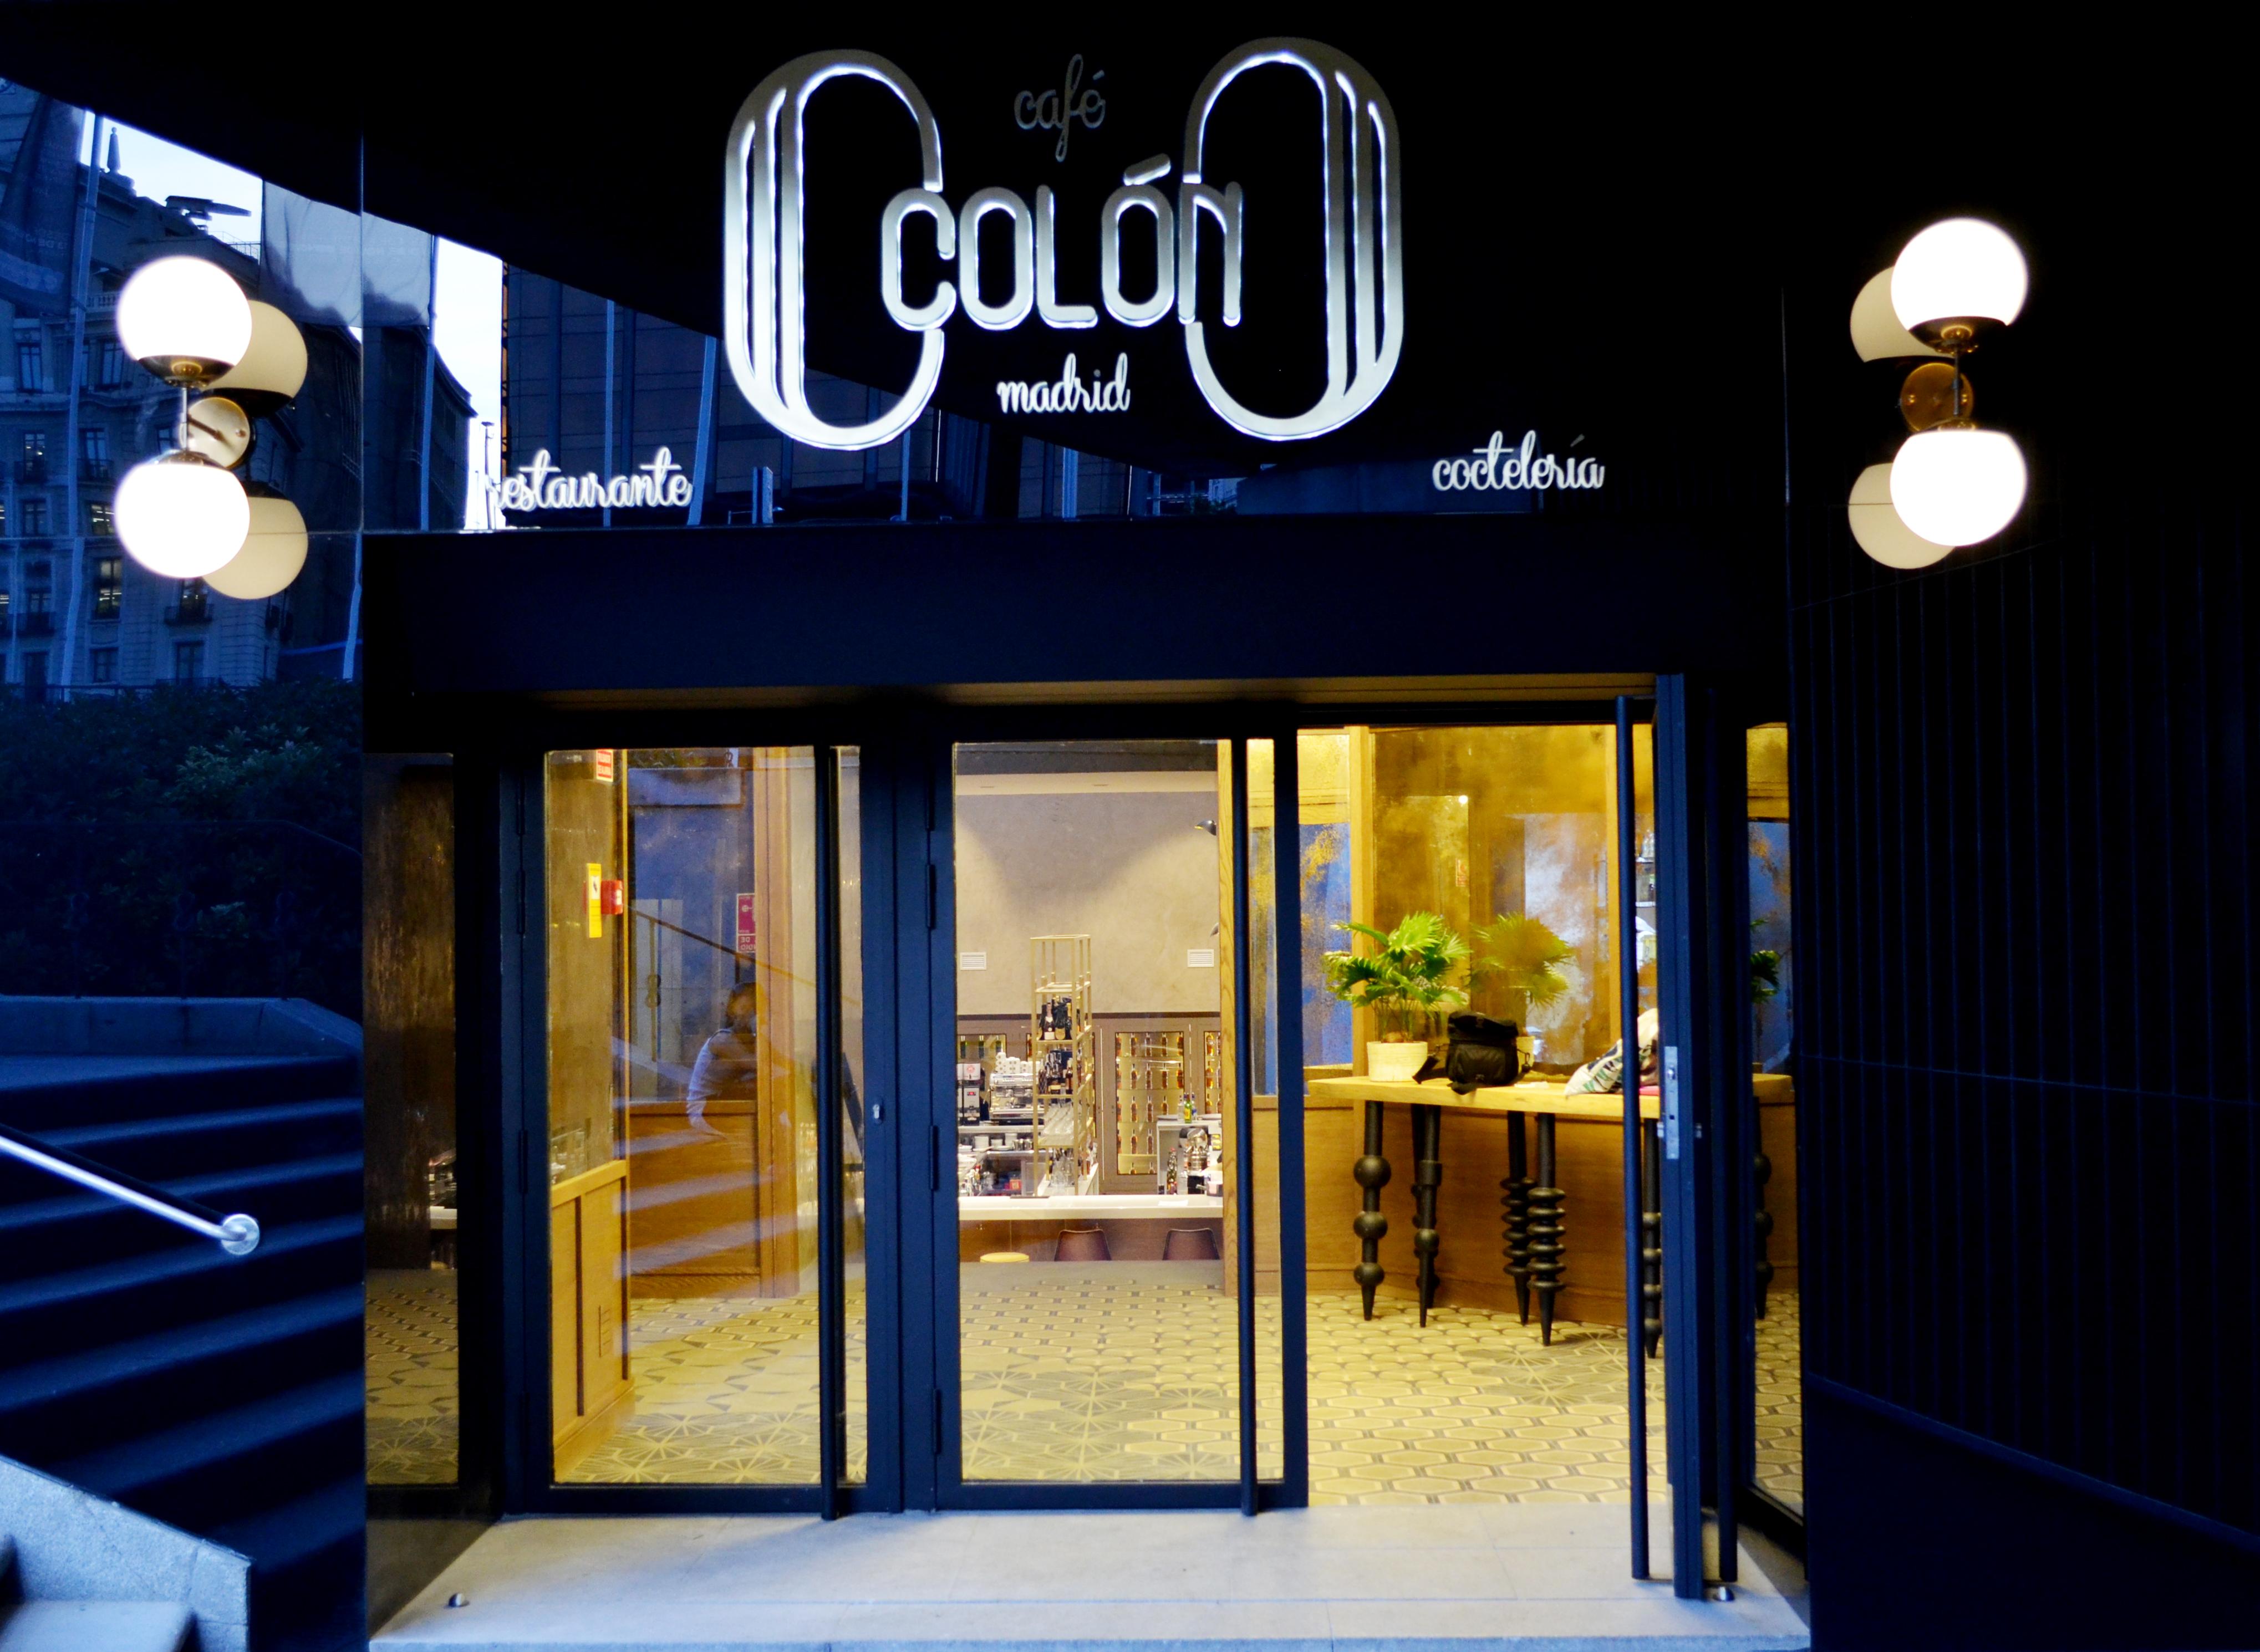 Café Colón - La Glotona